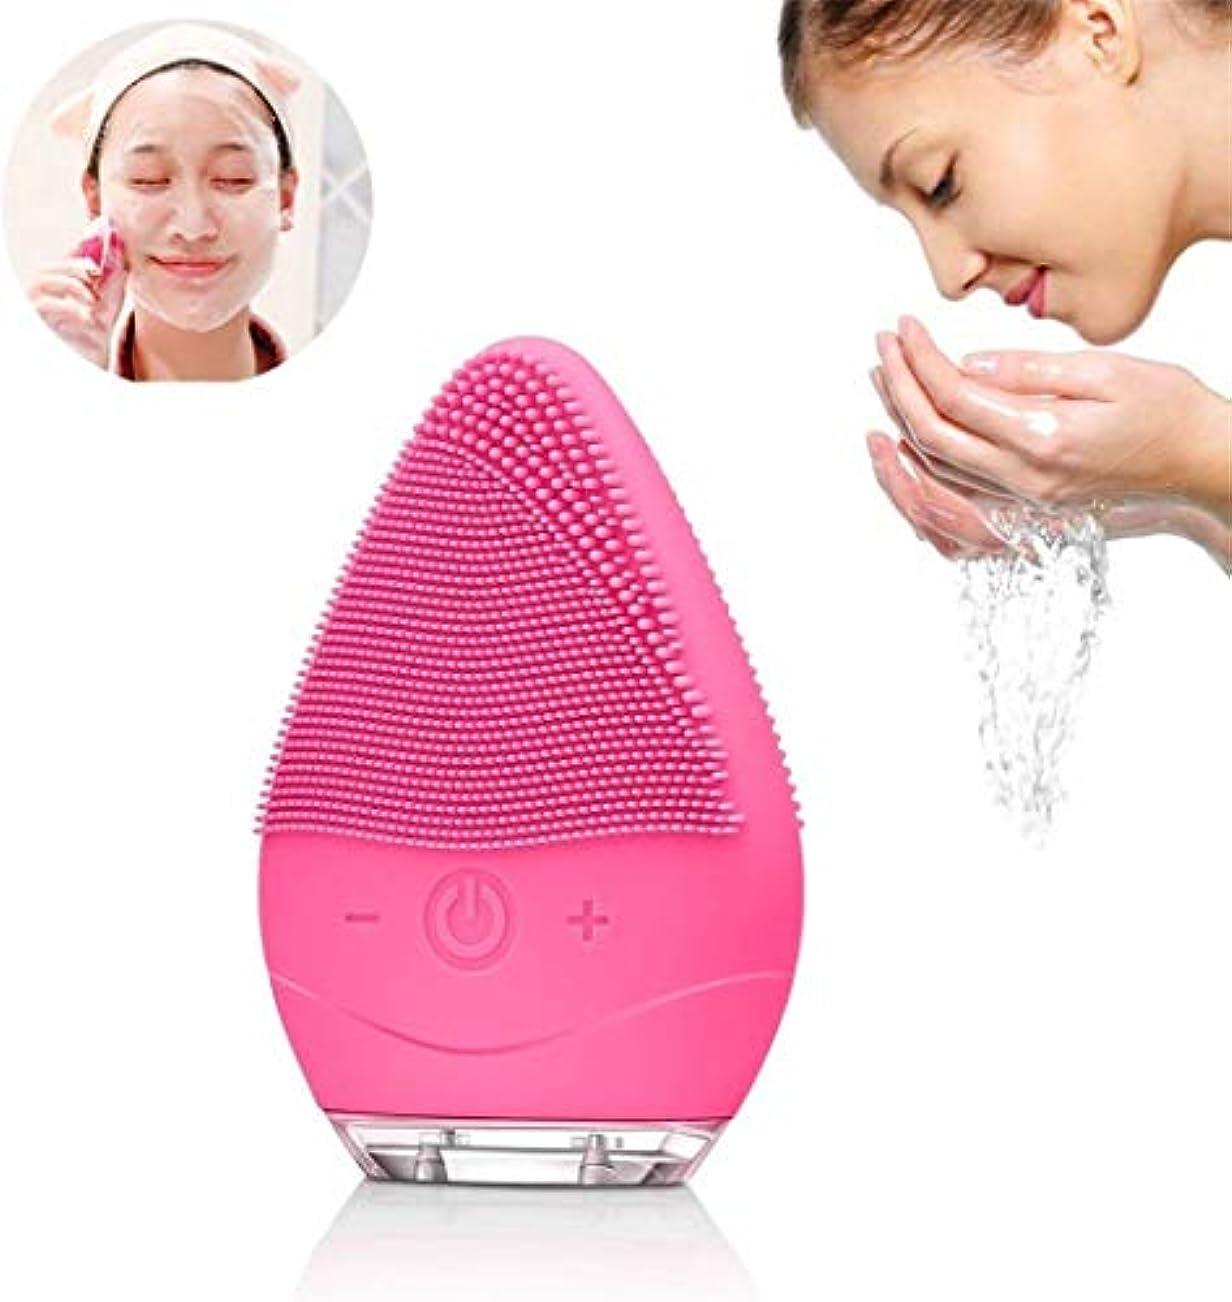 迷惑革命対抗ソニック洗顔ブラシ、防水シリコーン洗顔ブラシエレクトリックフェイス振動マッサージ器USB充電式(ローズ)とクリーンな肌のためのデバイス